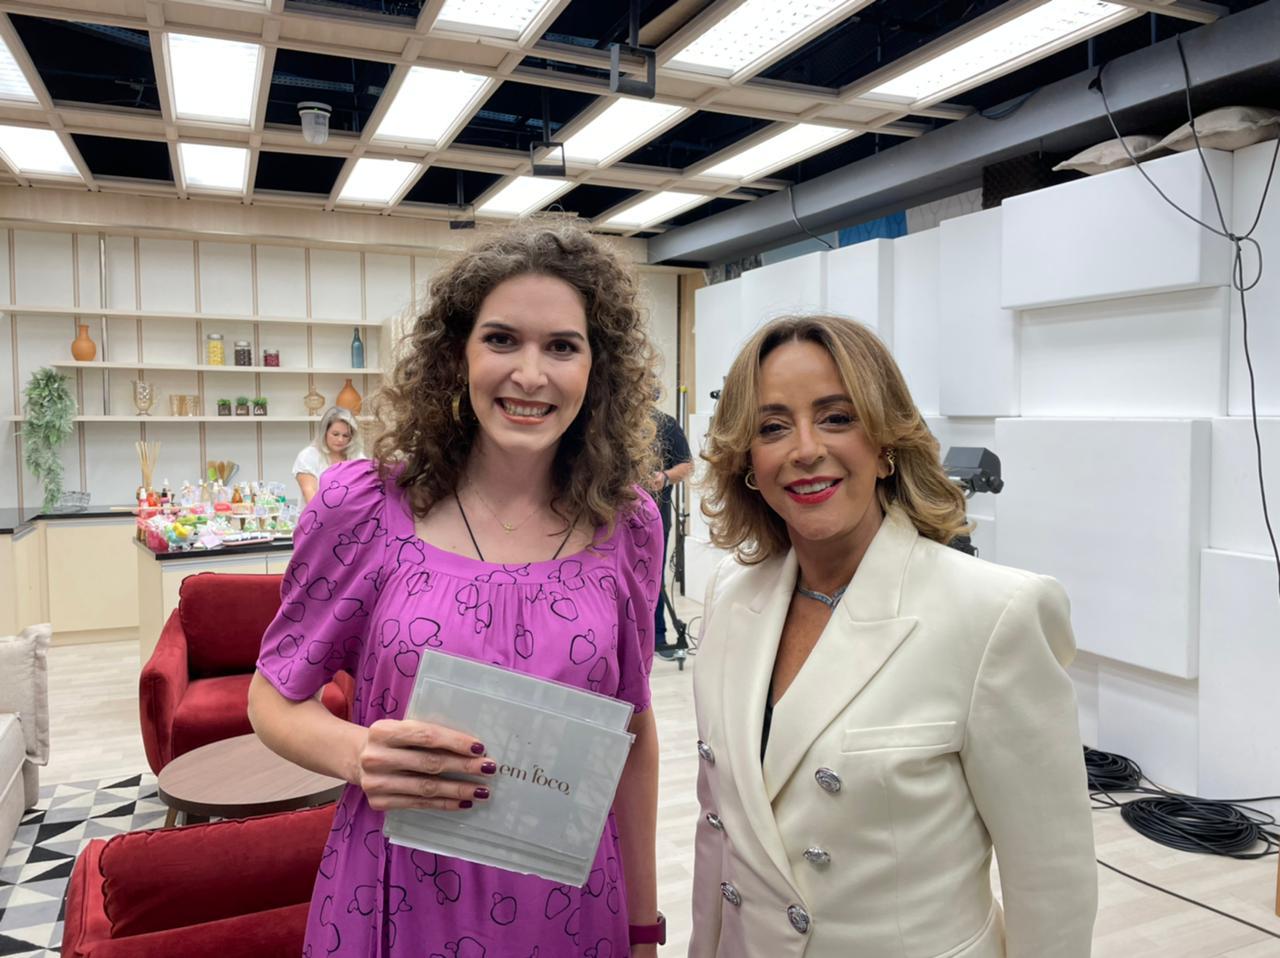 Jornalista Carol Tormena e a médica oftalmologista Tania Schaefer - Foto: Bebel Ritzmann